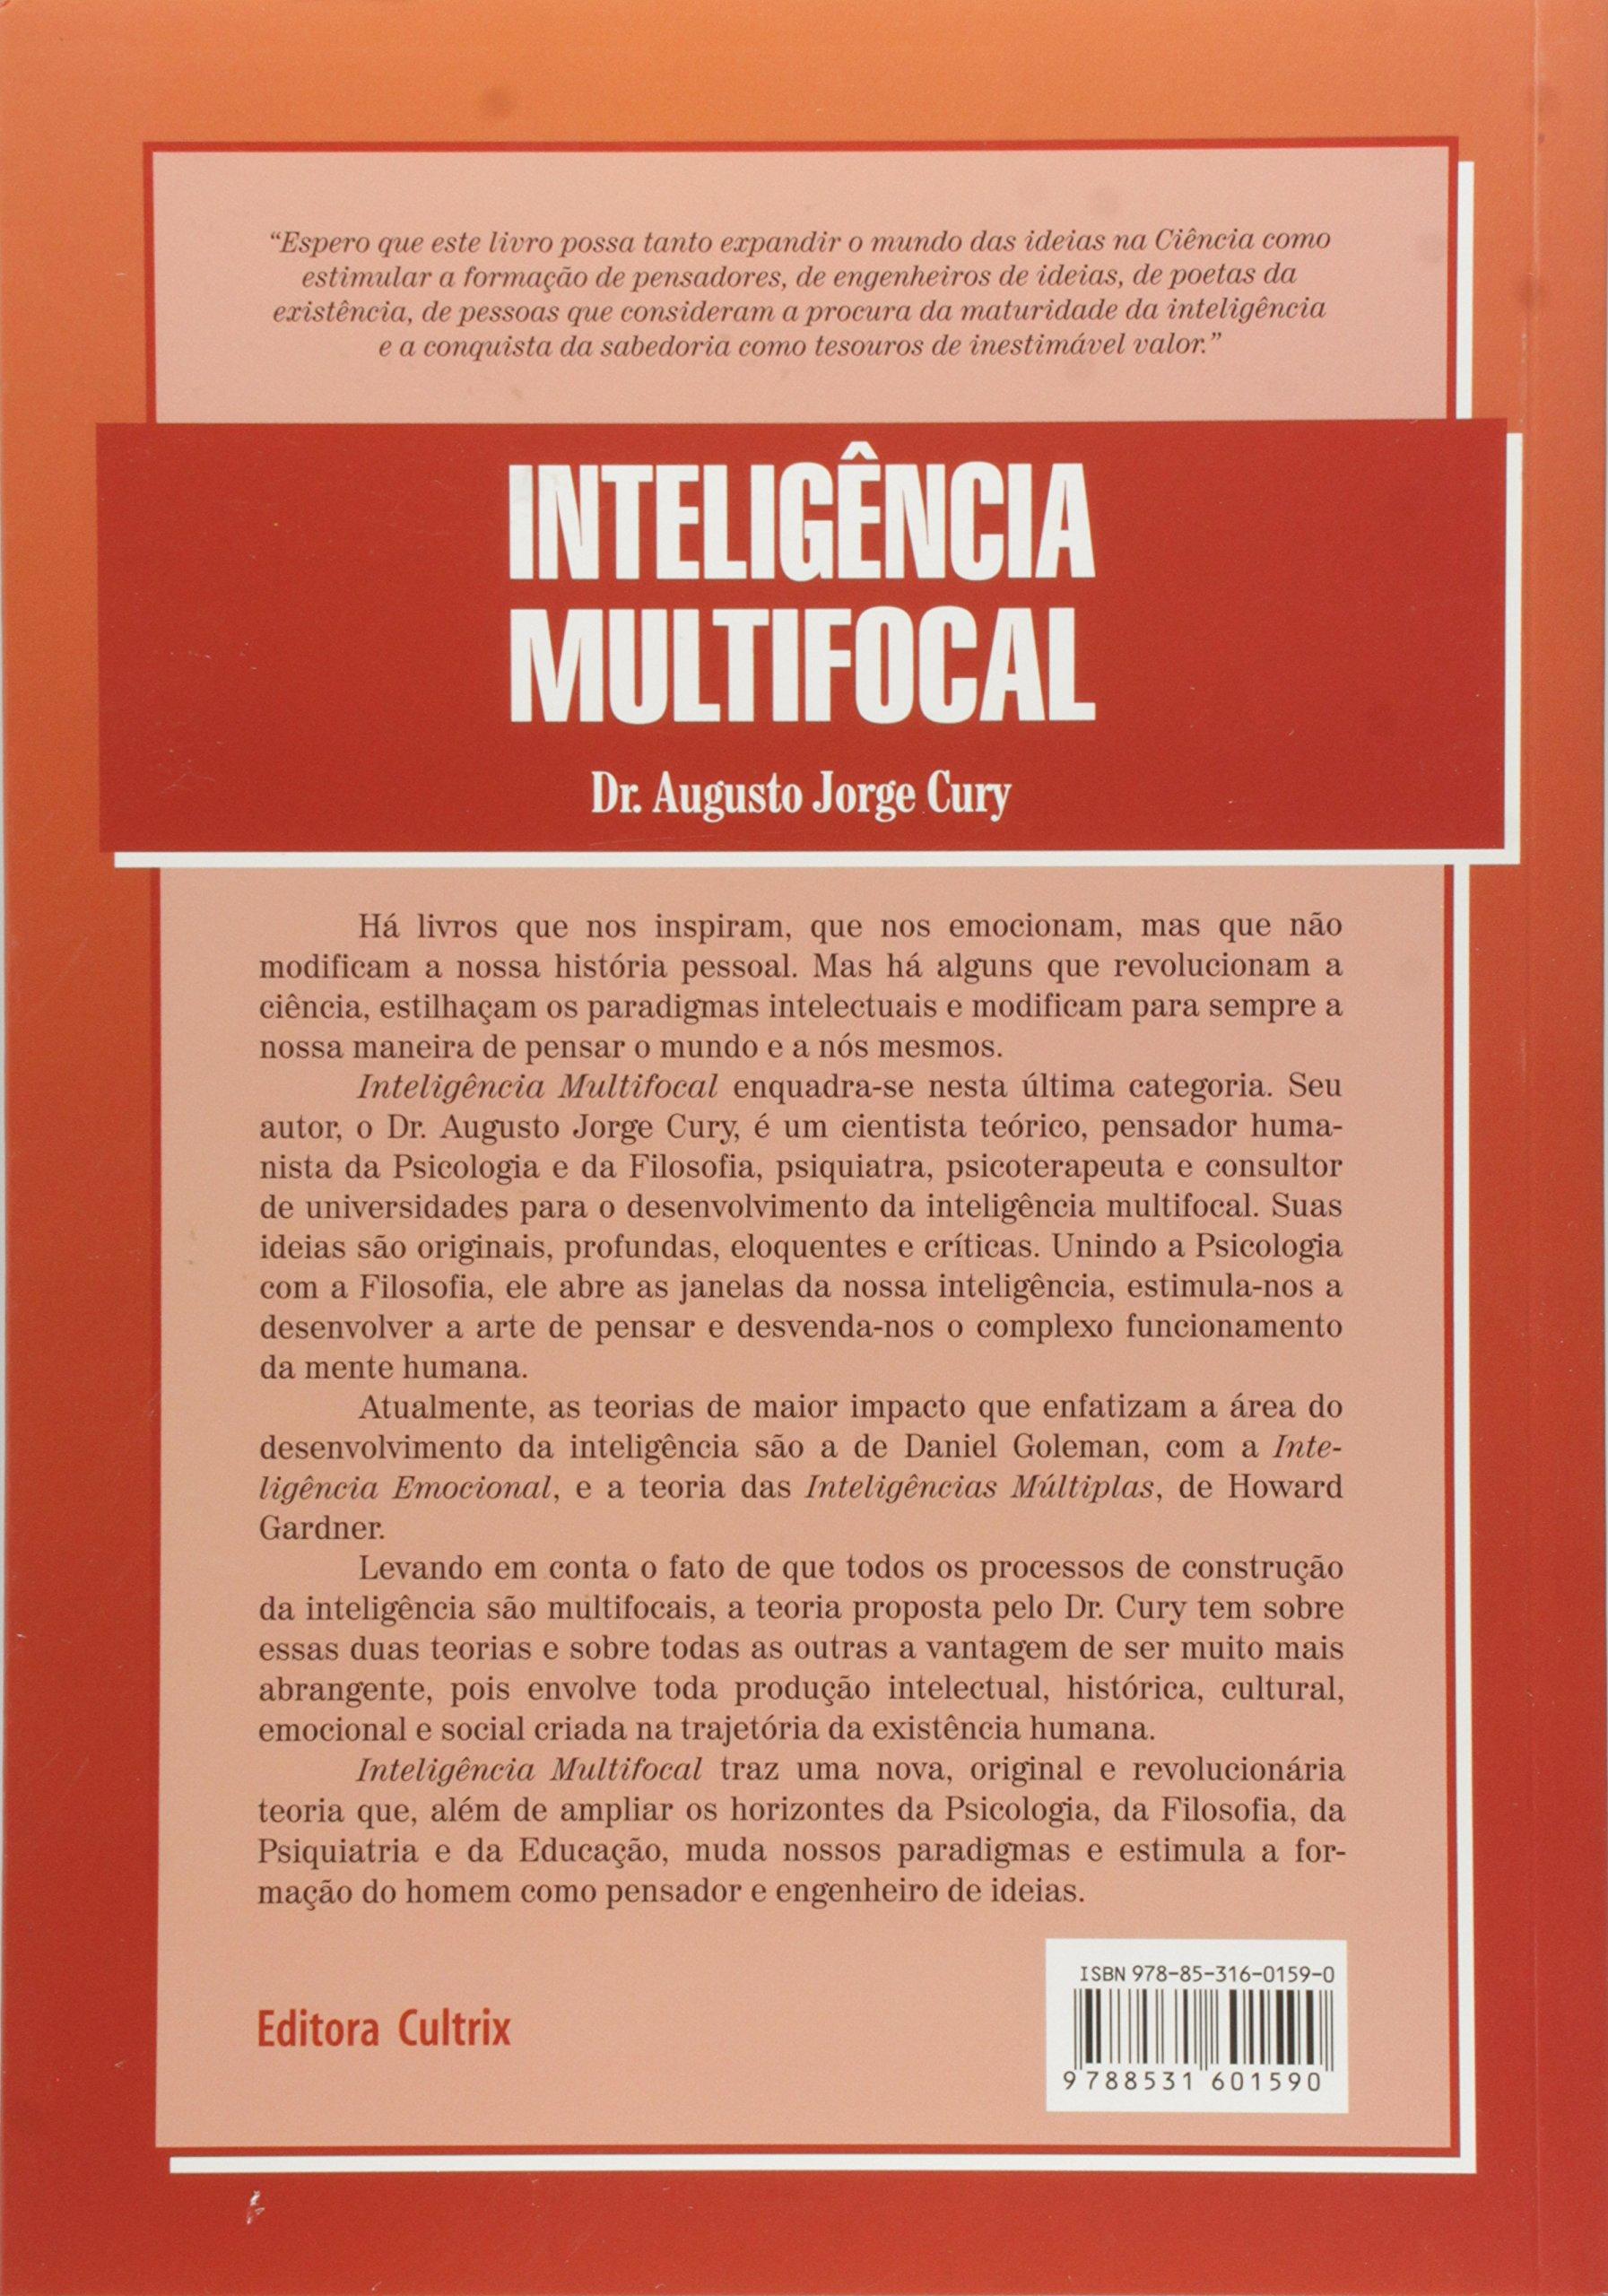 MULTIFOCAL BAIXAR INTELIGENCIA